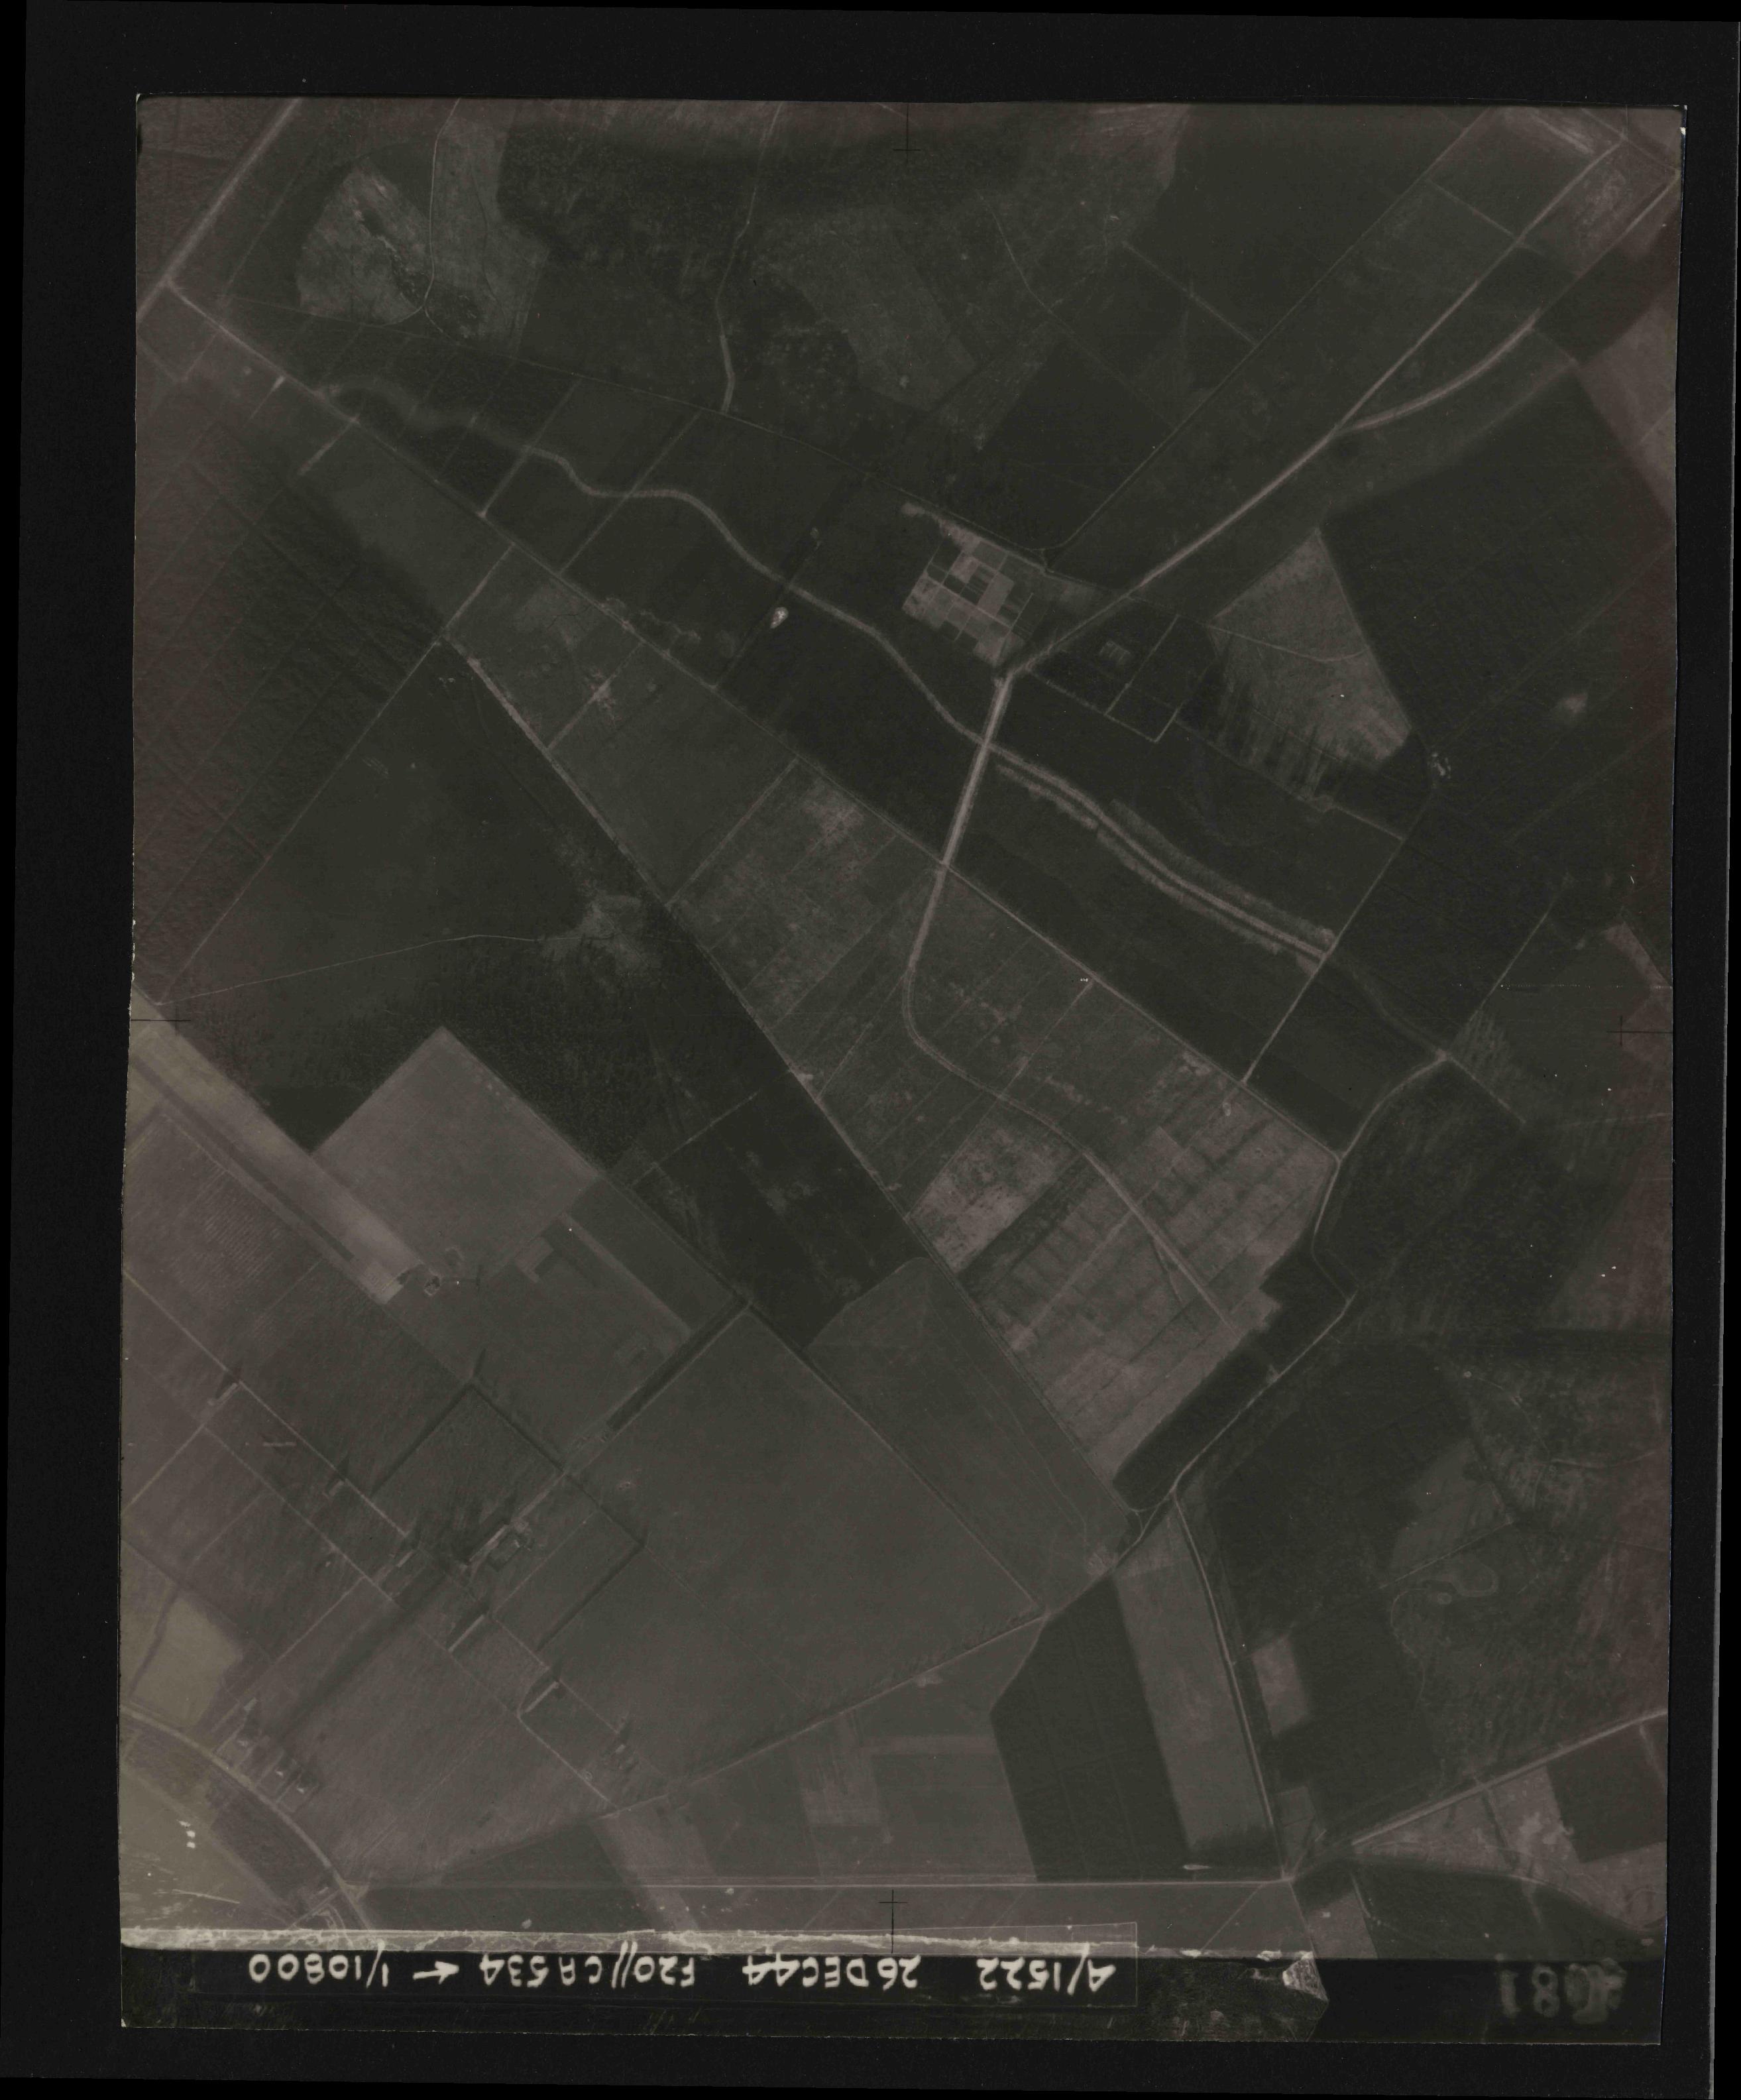 Collection RAF aerial photos 1940-1945 - flight 181, run 07, photo 4081